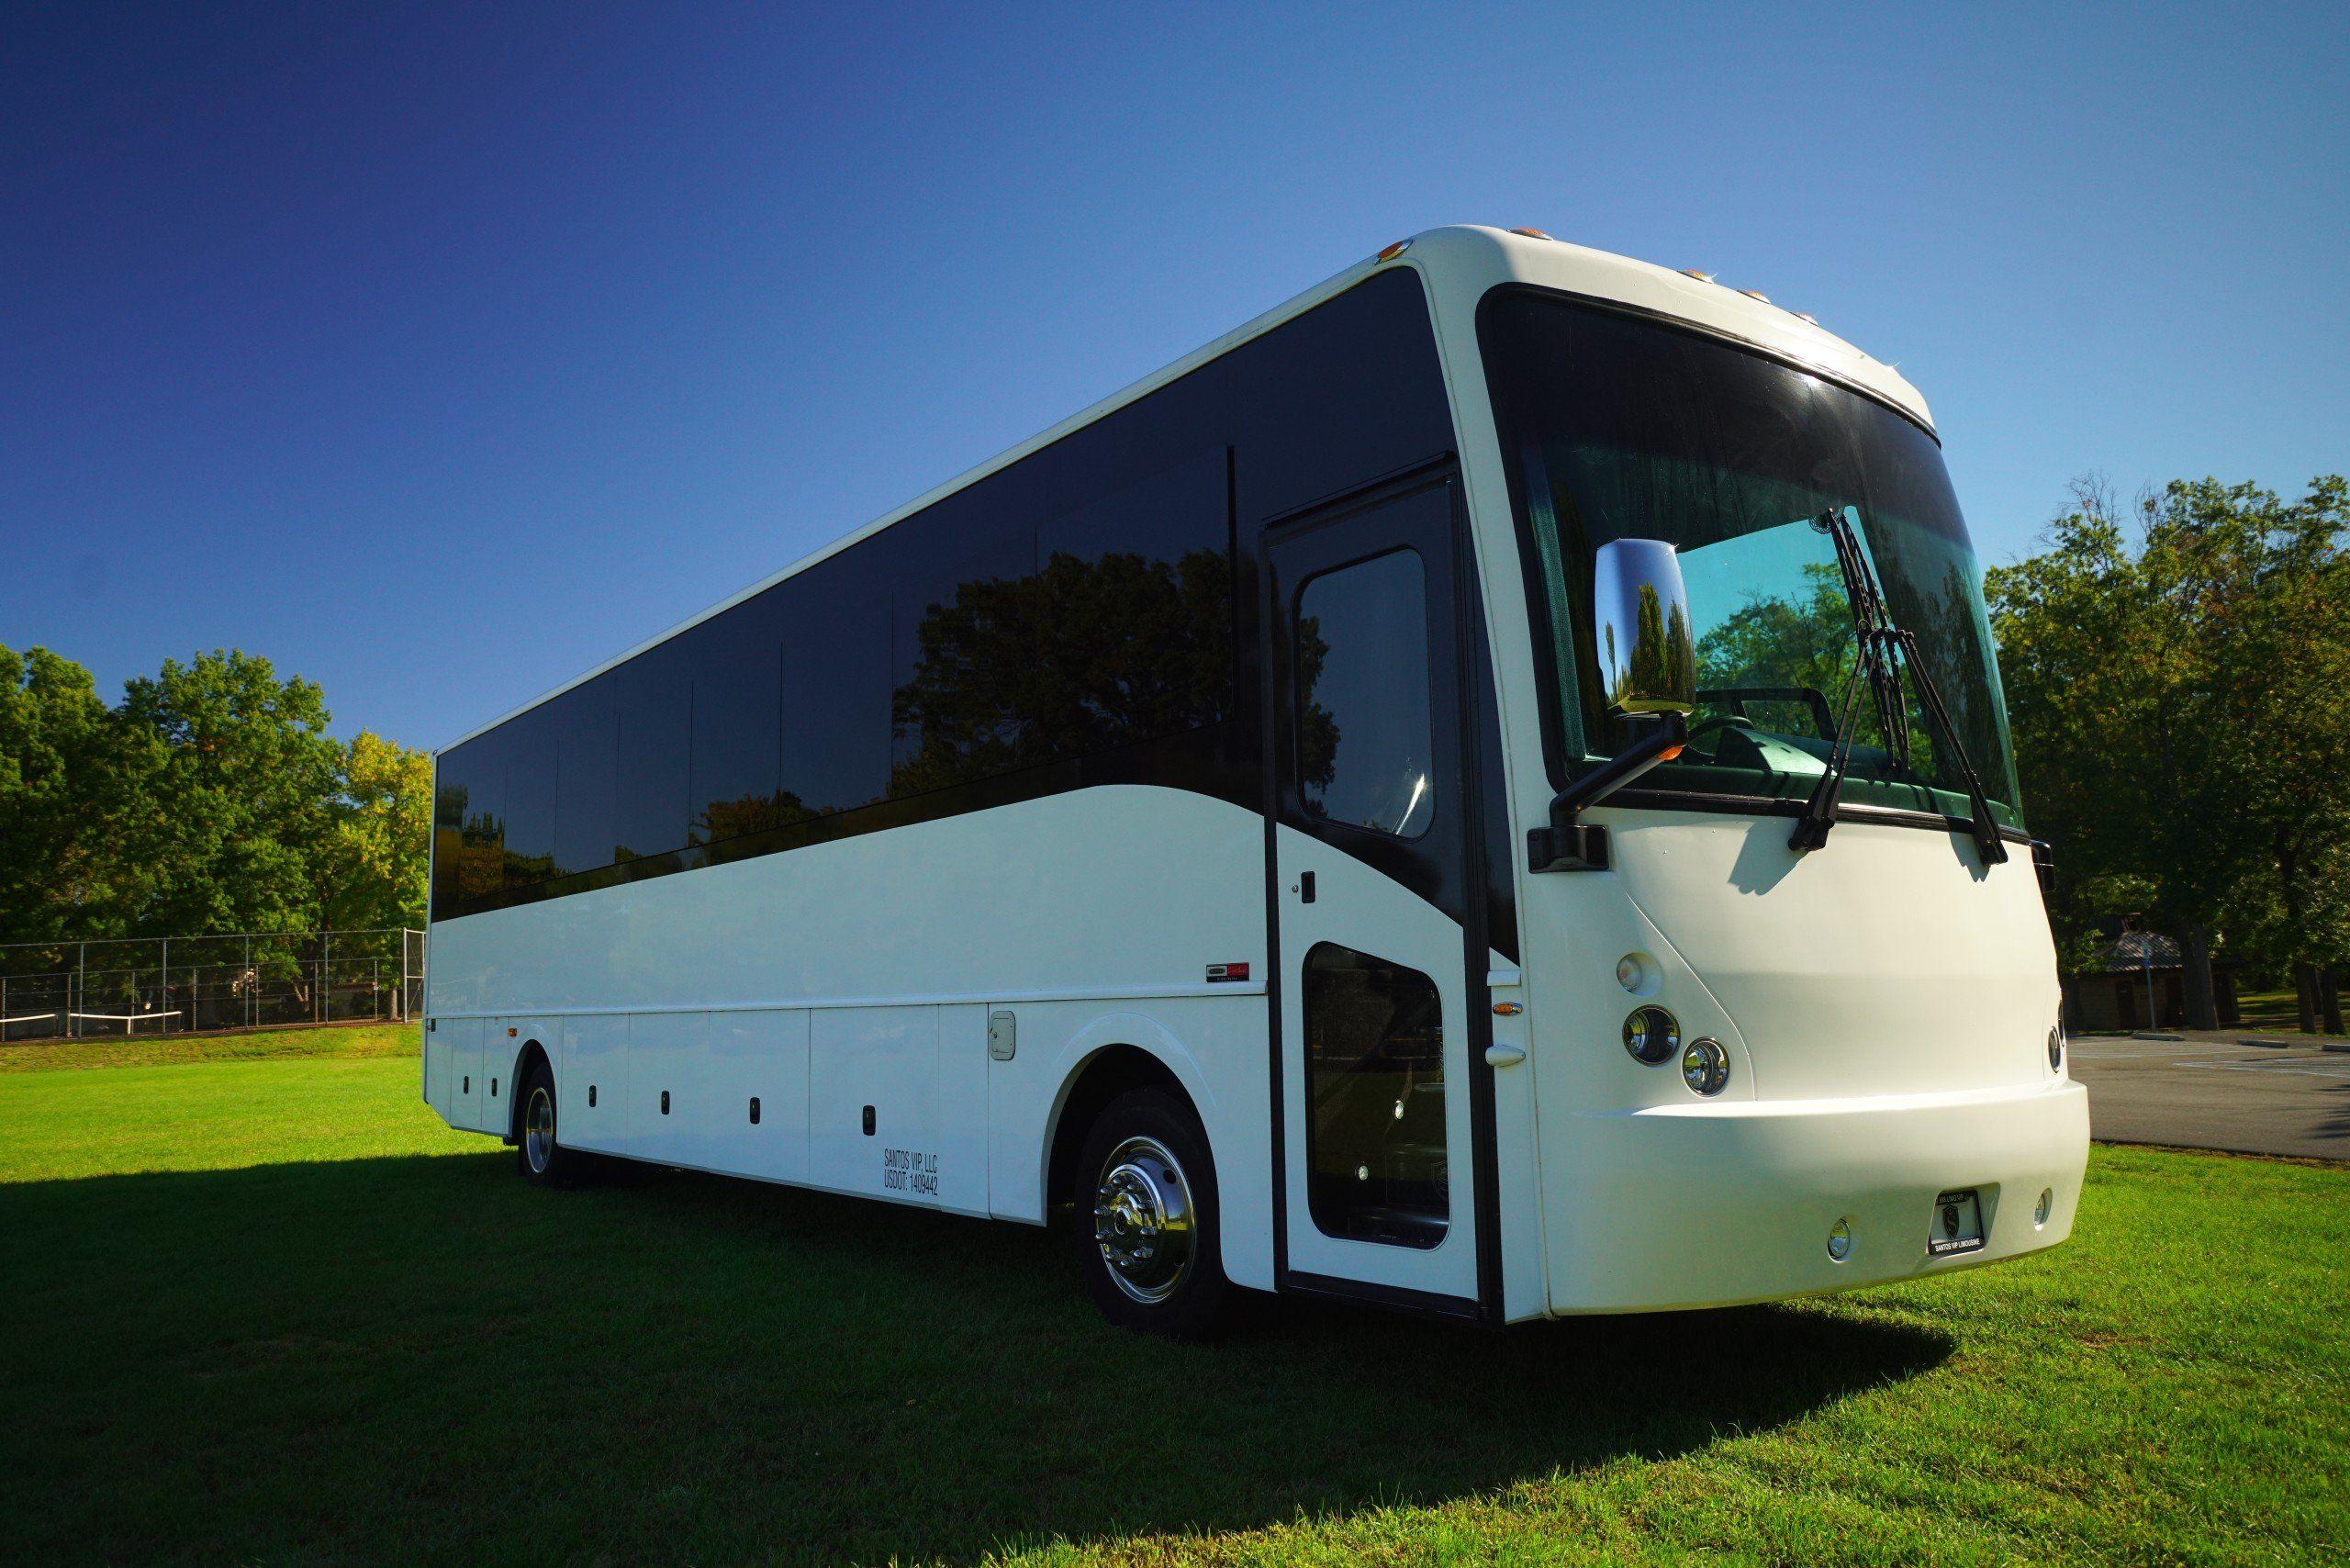 42 Passenger Party Bus Party Bus Rental In Nj Santos Vip Limousine